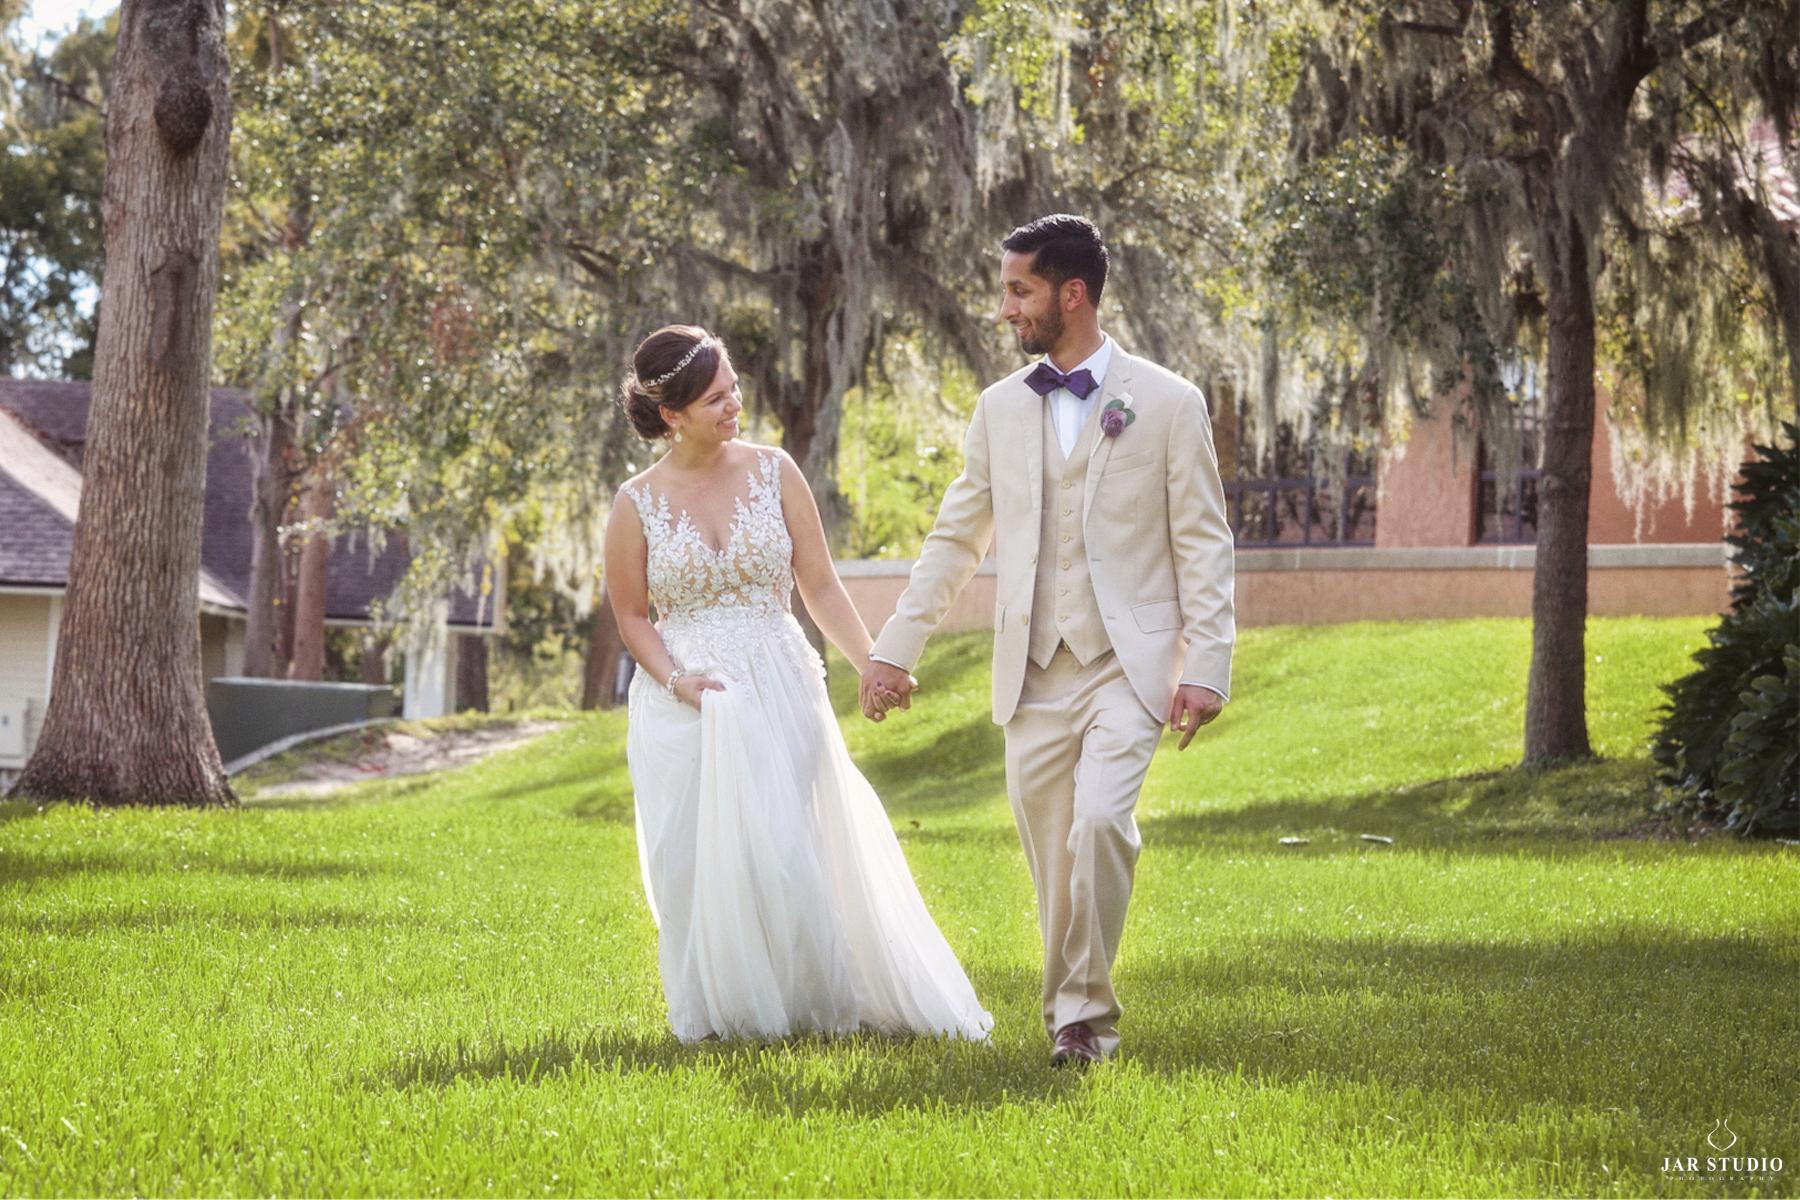 jarstudio-real-rollins-outdoor-wedding-photographer-357.JPG